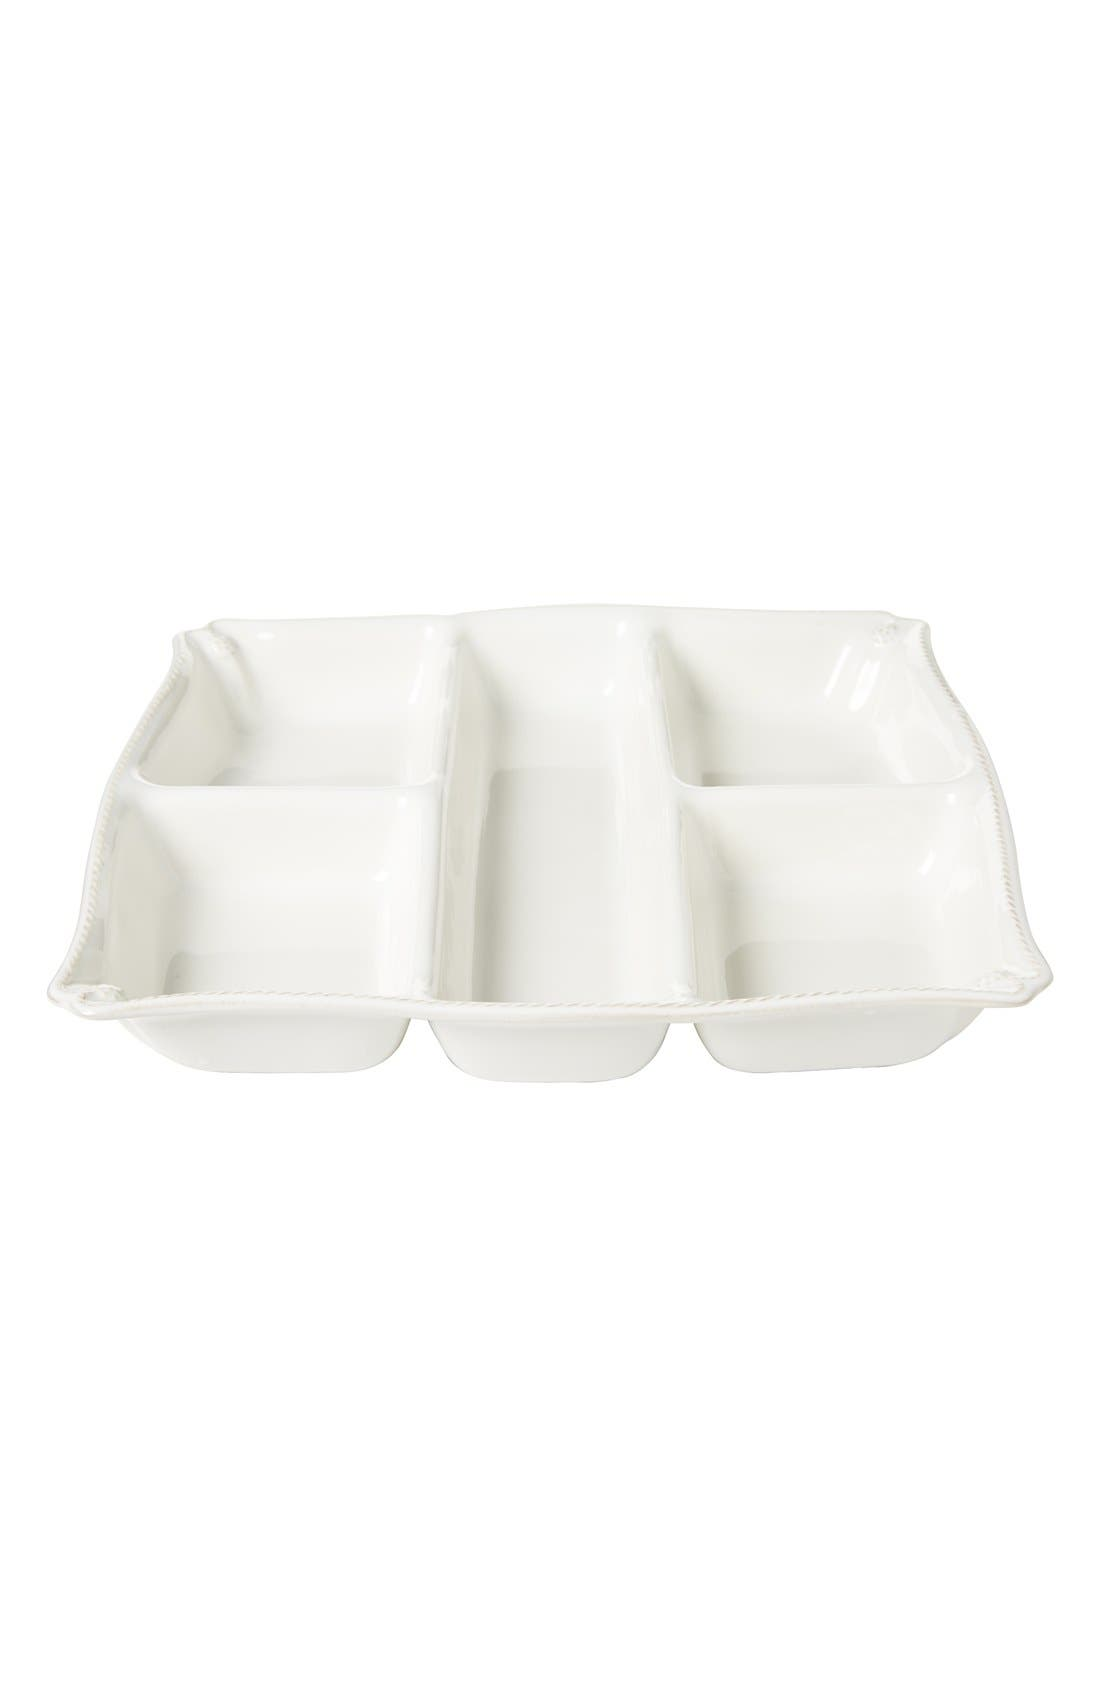 JULISKA, 'Berry and Thread' Ceramic Appetizer Platter, Alternate thumbnail 3, color, WHITEWASH